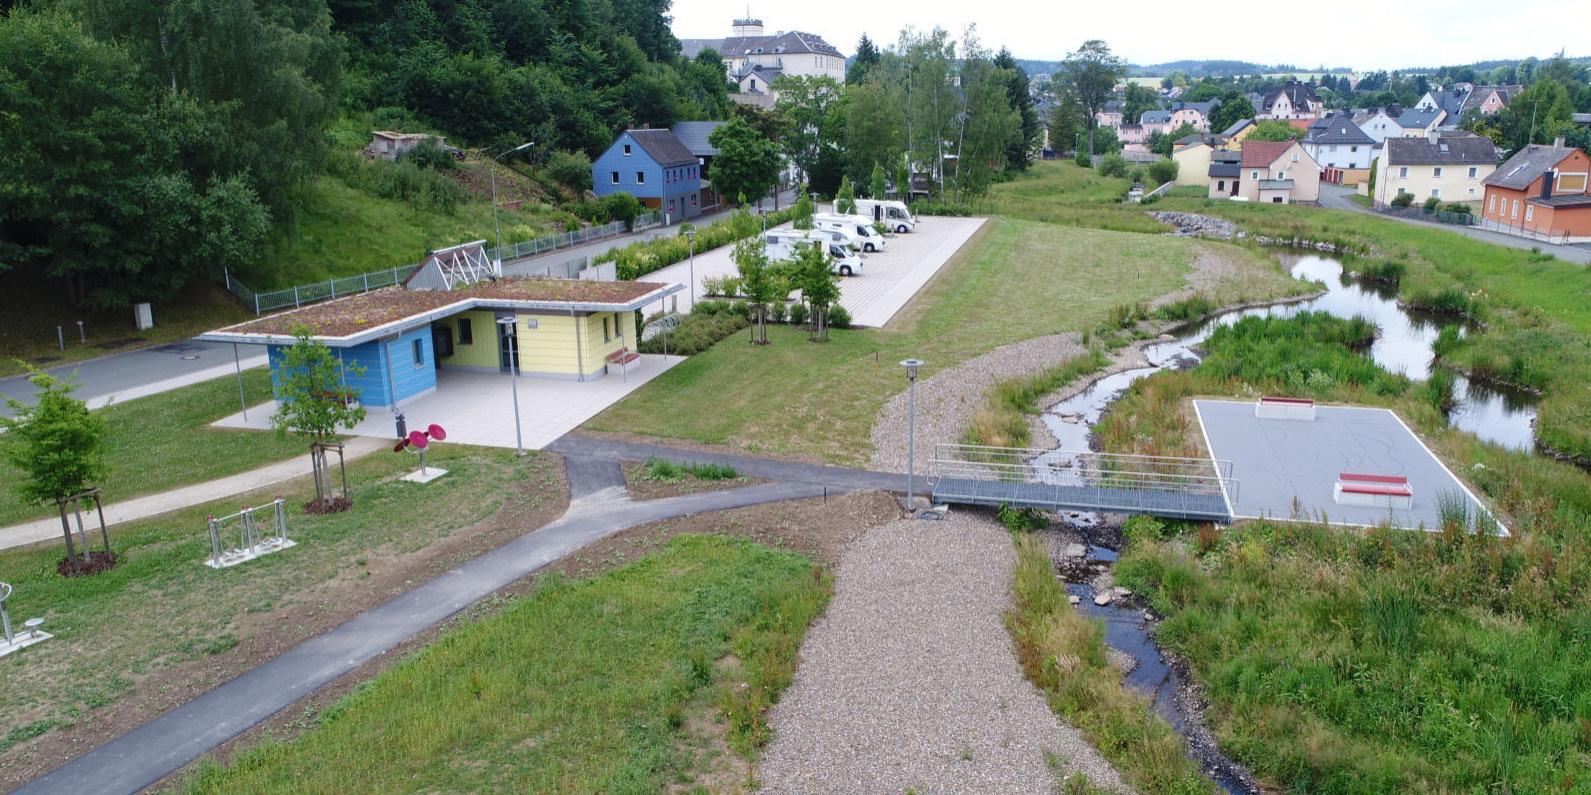 Summa-Park - Areal der Wohnmobilstellplätze